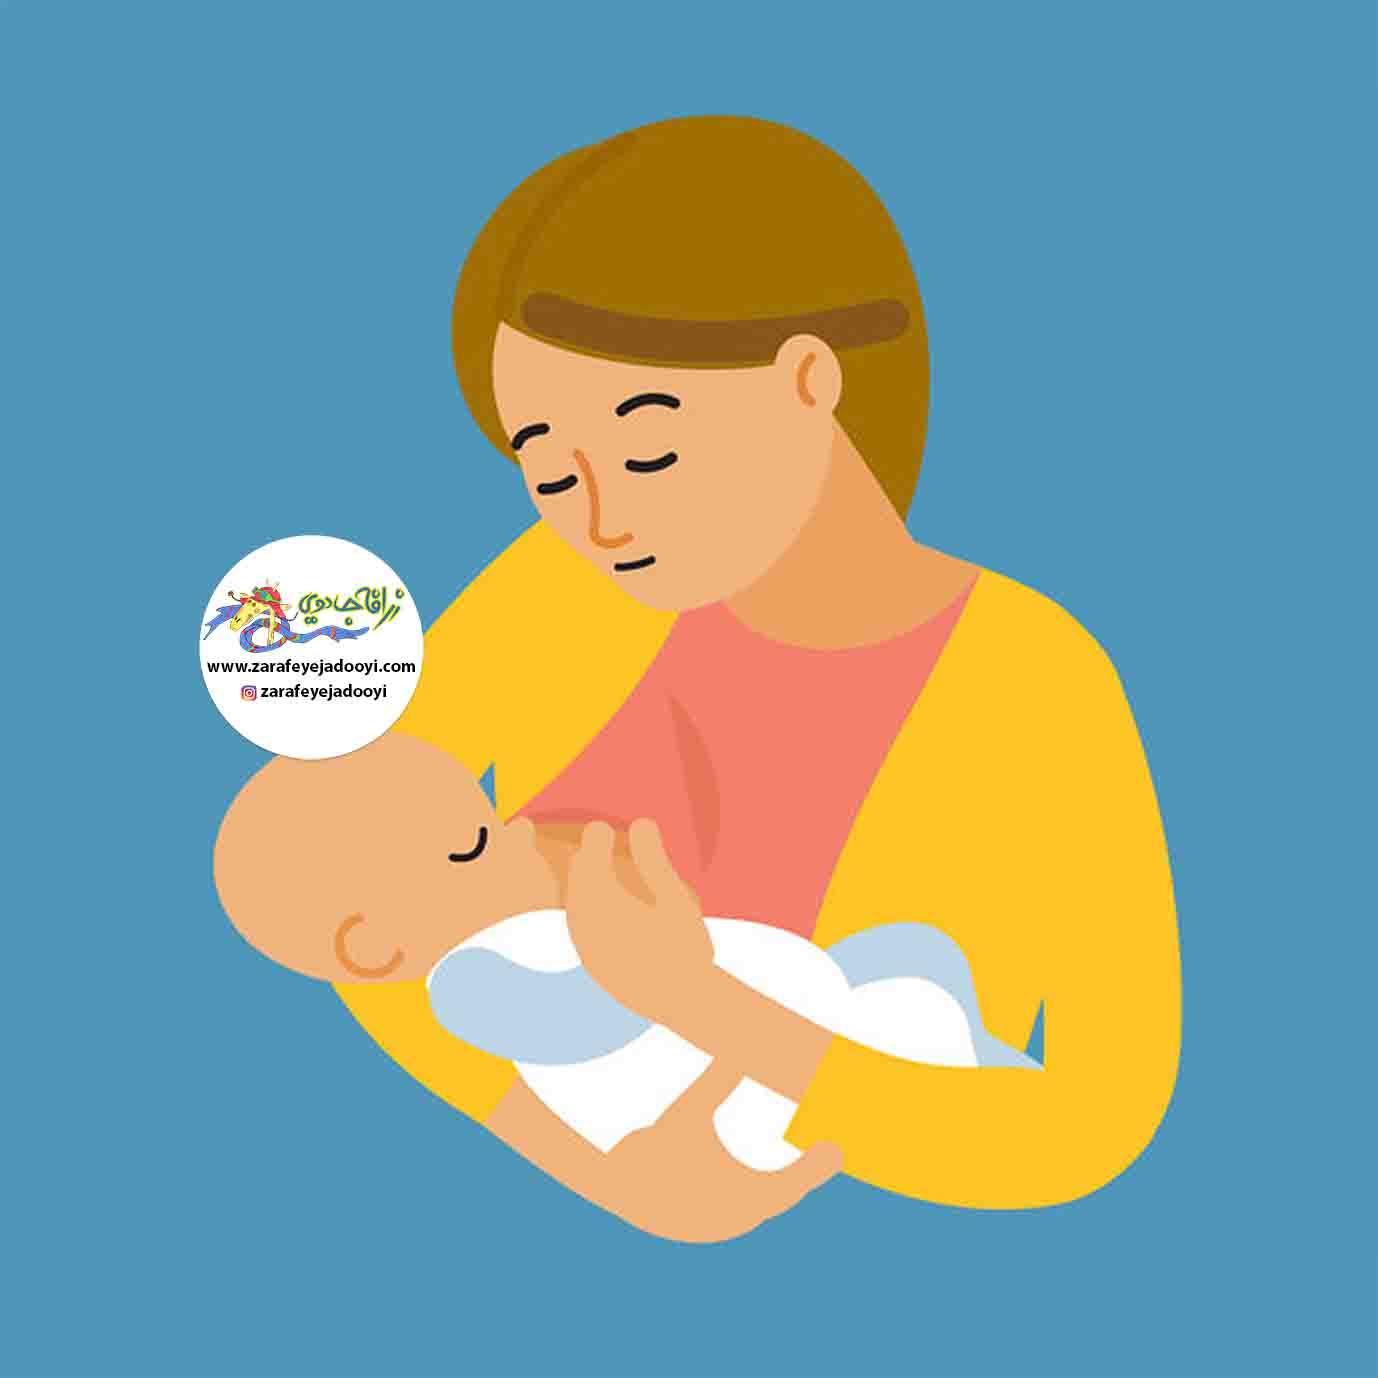 زرافه جادویی-نحوه صحیح از شیر گرفتن کودکان